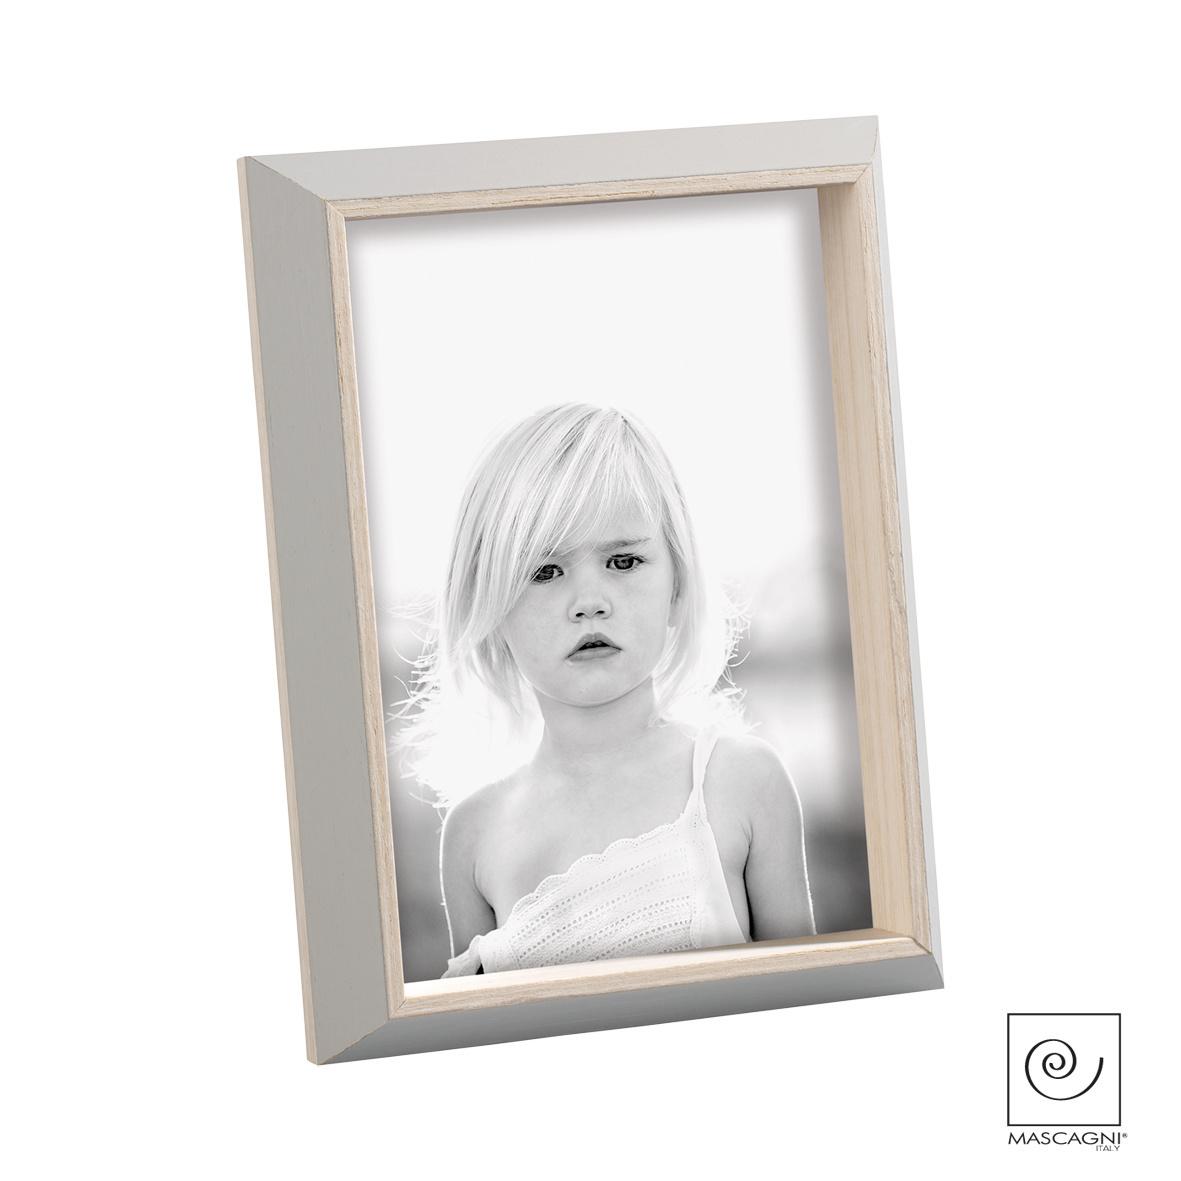 Art Mascagni A544 PHOTO FRAME 13X18 - COL.WHITE